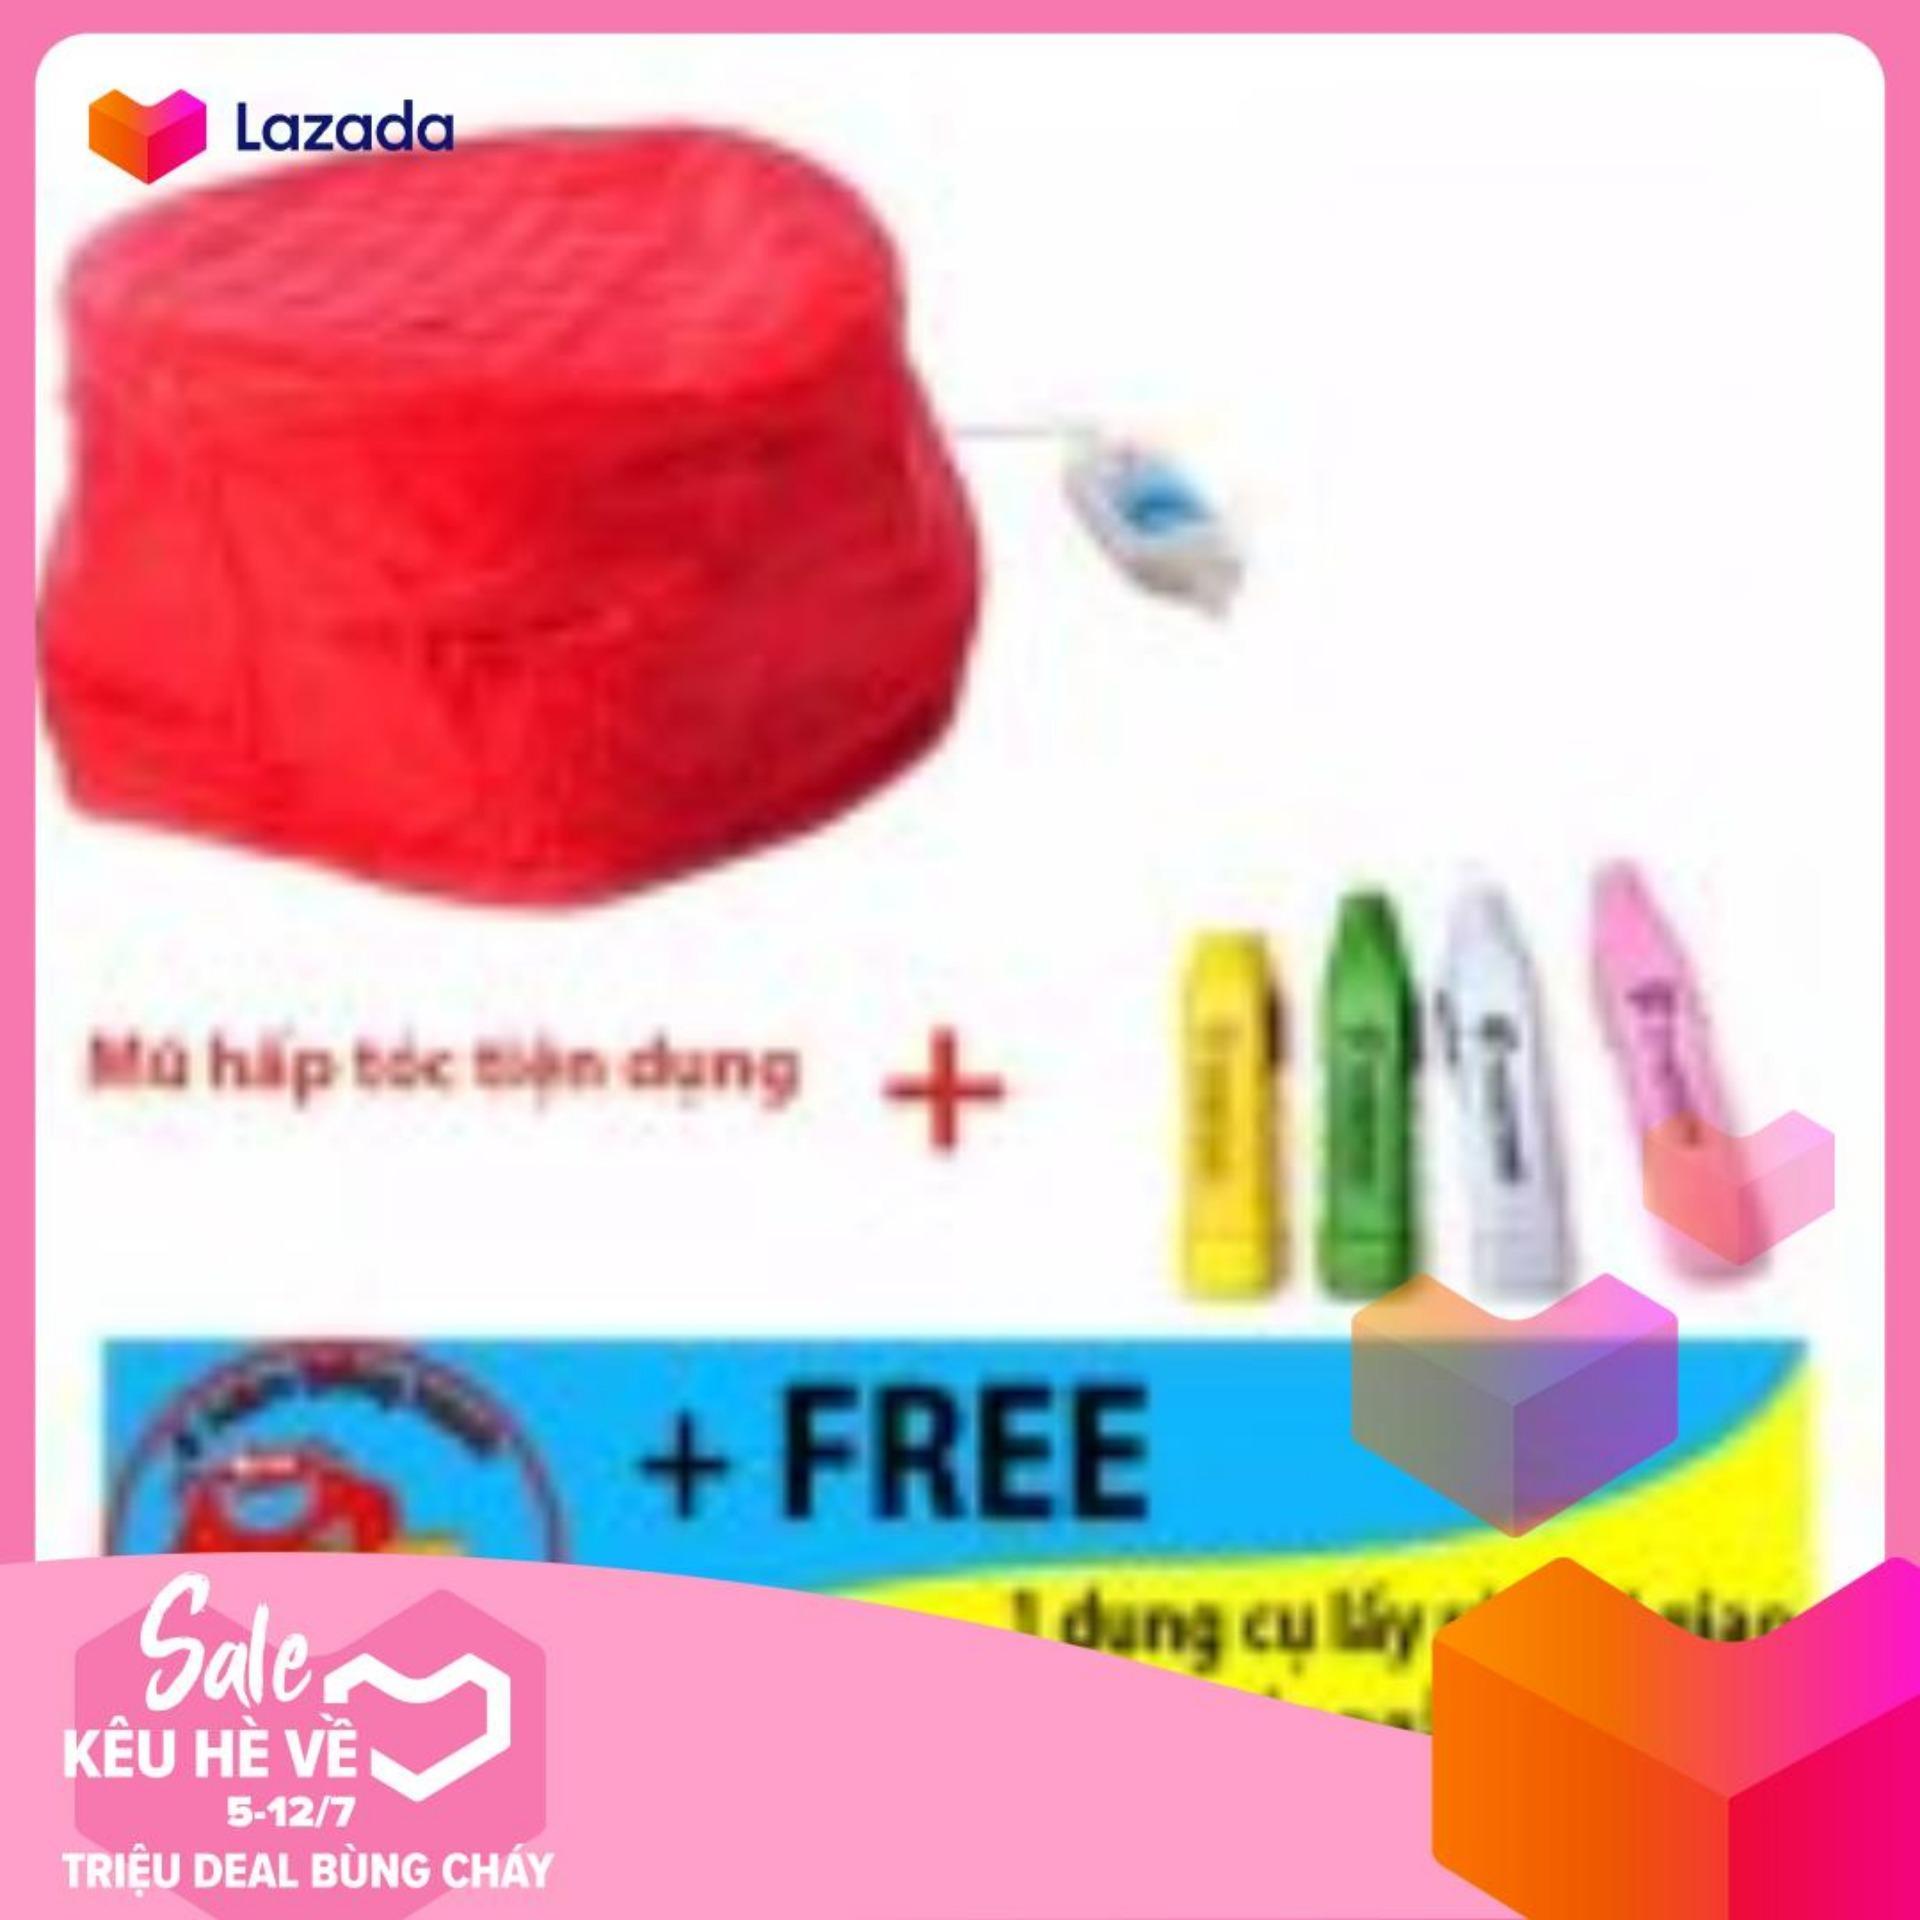 Mũ hấp tóc đỏ tiện dụng + Free 1 dụng cụ lấy ráy tai giao màu sắc ngẫu nhiên tốt nhất